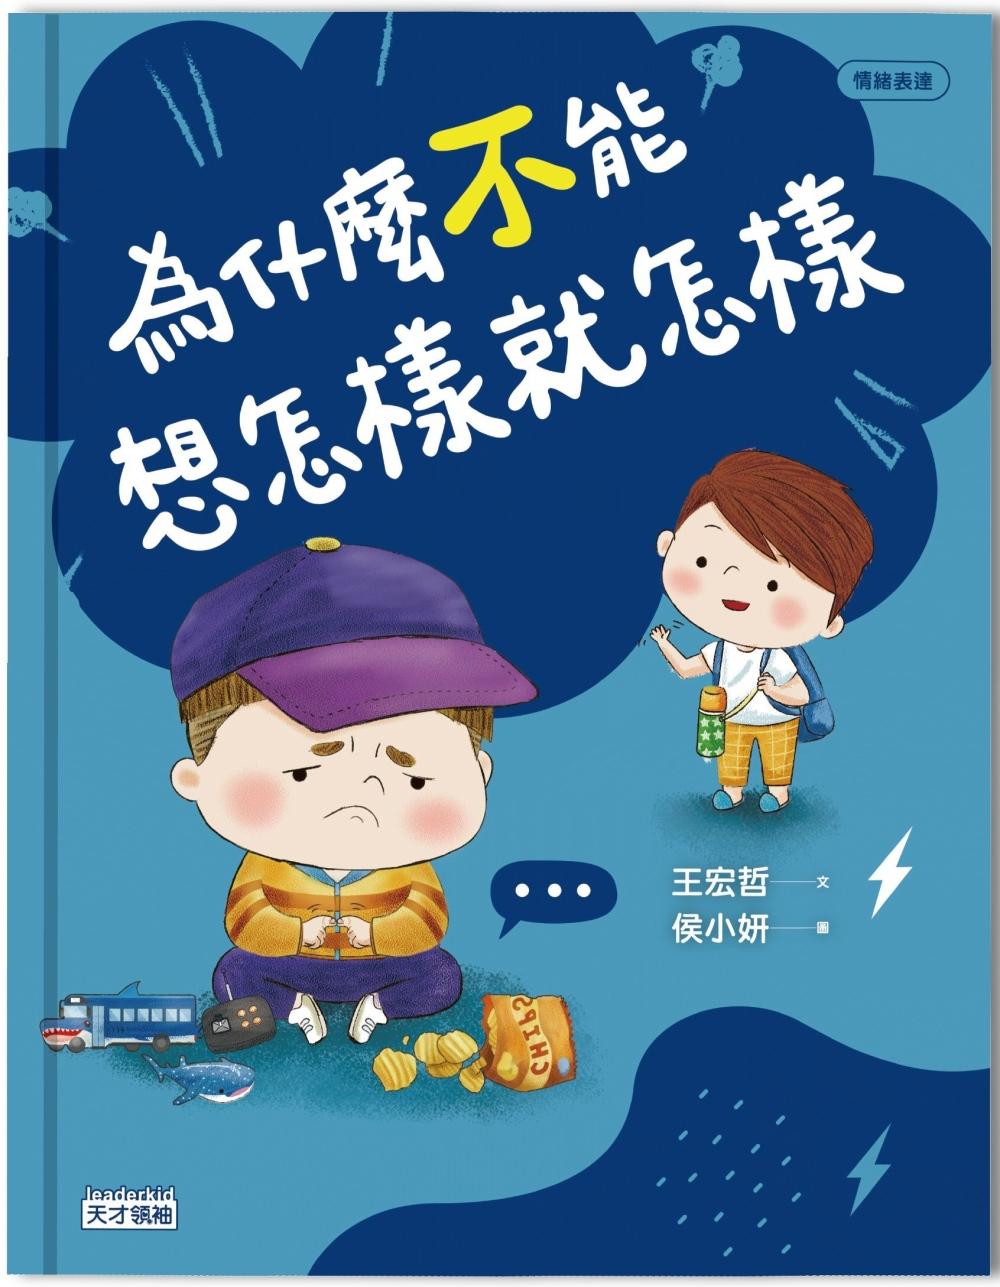 為什麼不能想怎樣就怎樣:王宏哲給孩子的情緒教育繪本2(贈1桌遊1學具)(親簽版)